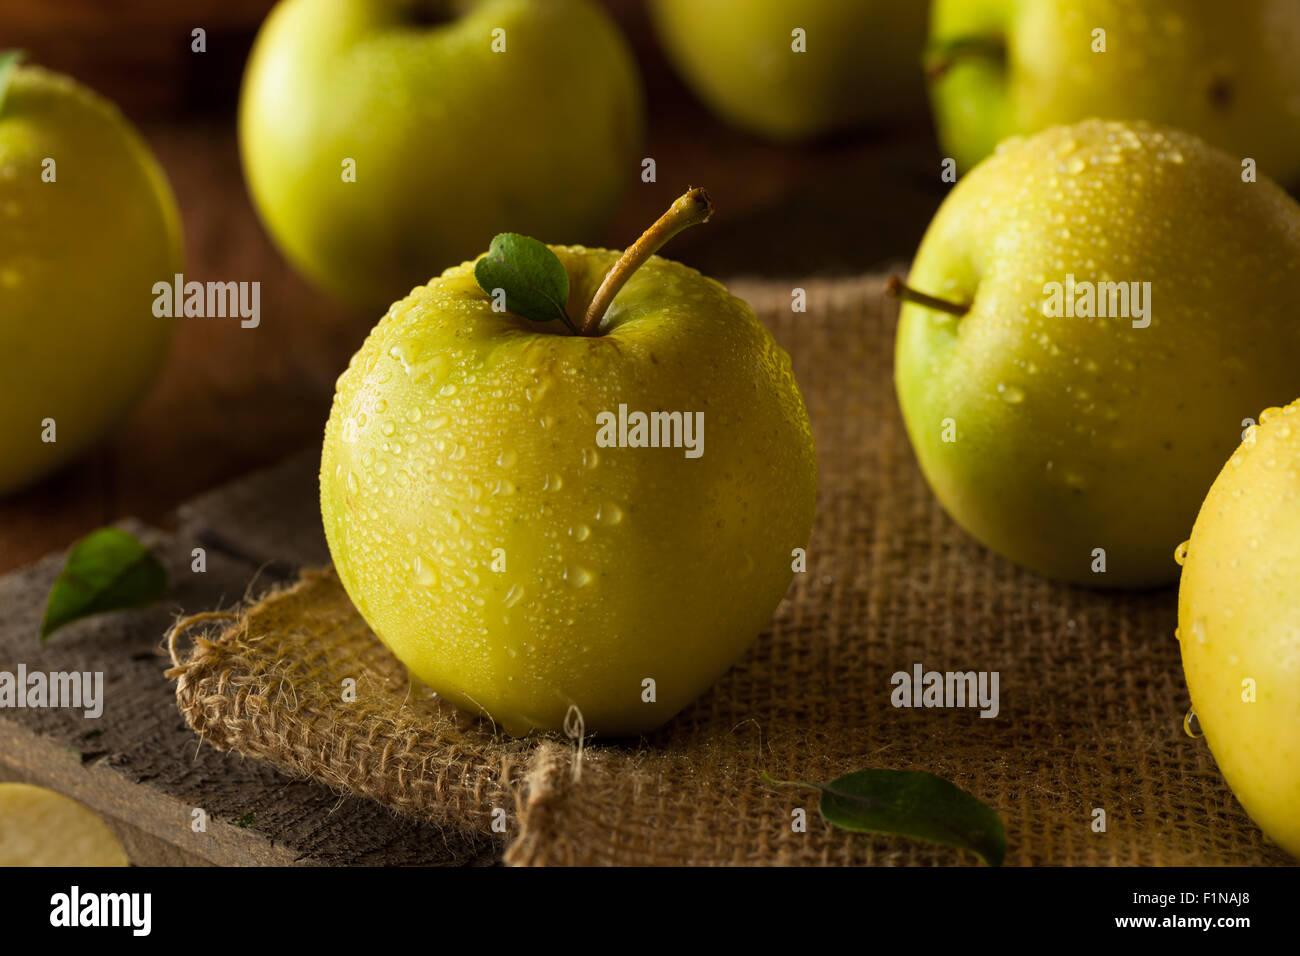 Materias orgánicas Golden Delicious listos para comer Imagen De Stock